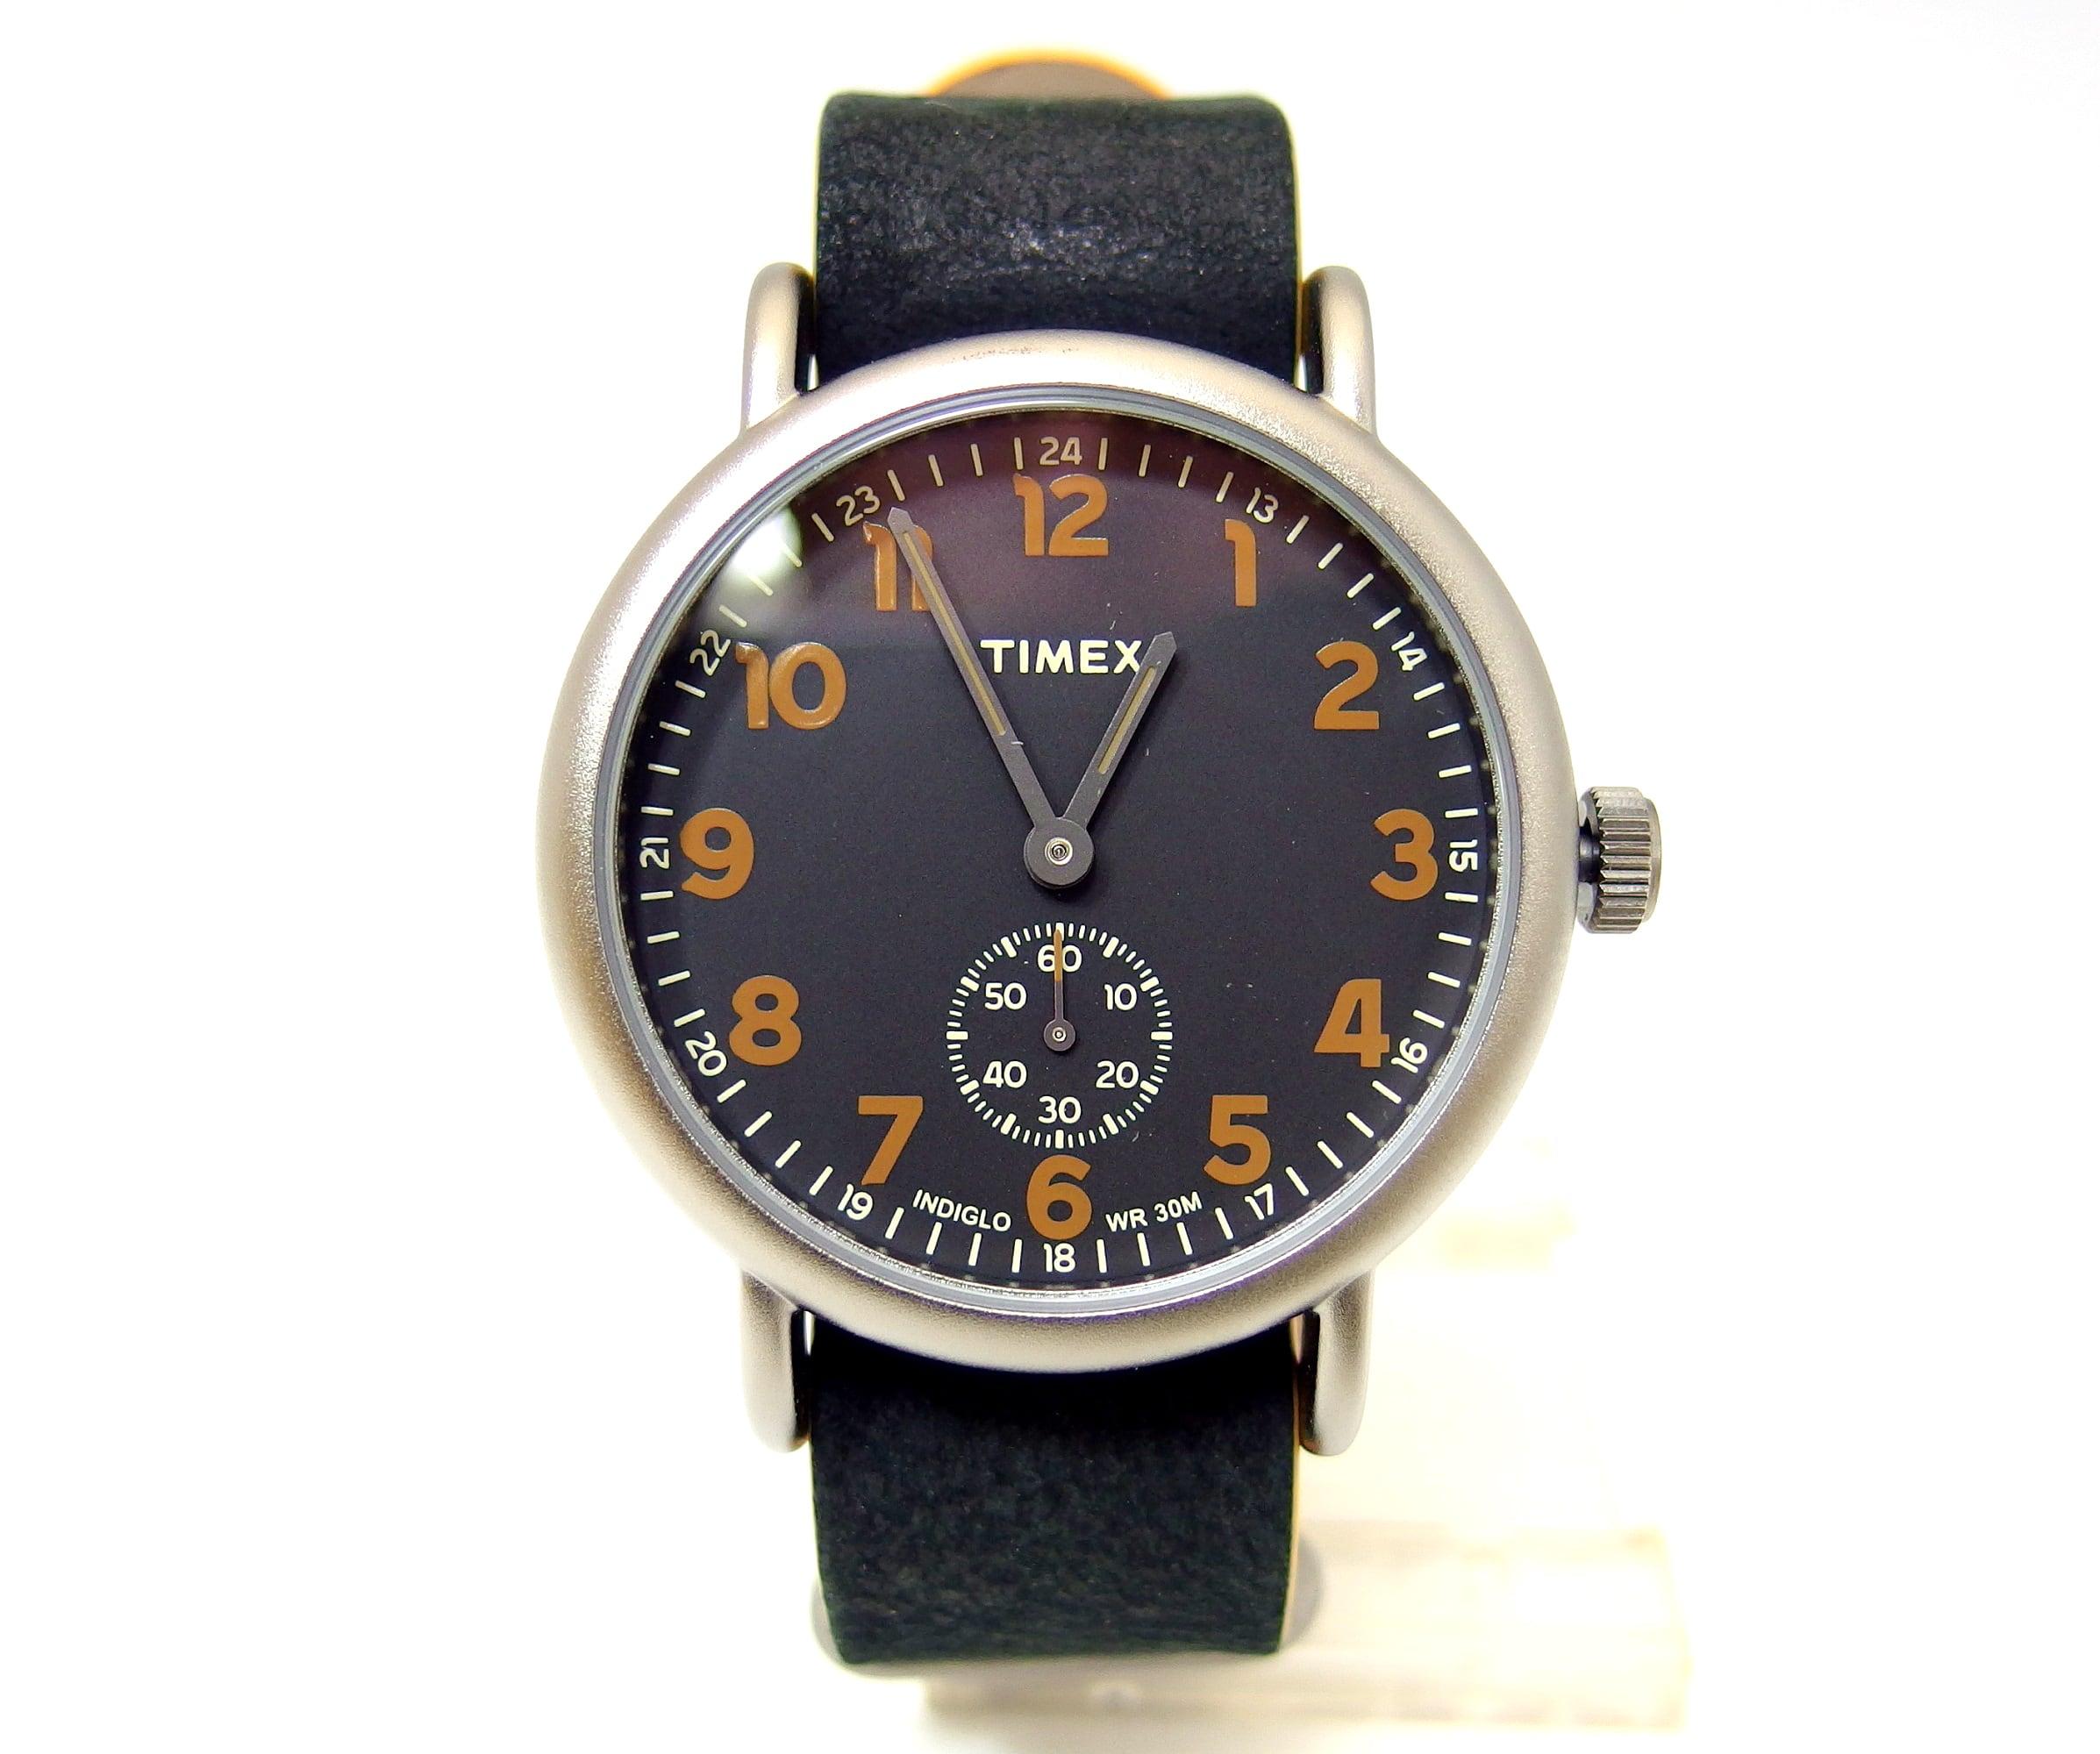 【TIMEX】 ウィークエンダービンテージ -スモールセコンド-